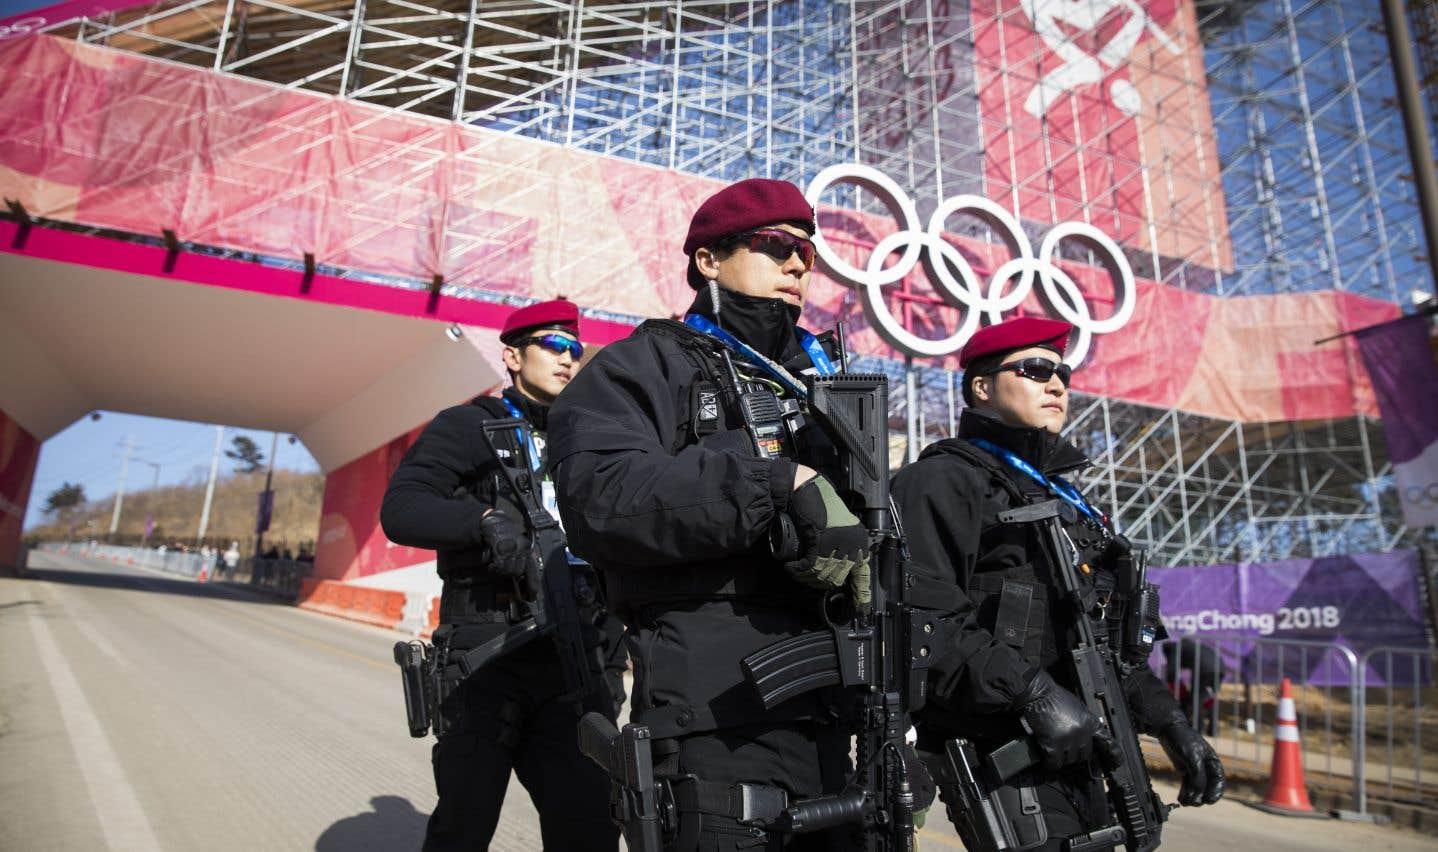 Les Olympiques repoussent sans cesse la taille des mesures de sécurité et transforment chaque ville hôtesse en forteresse.